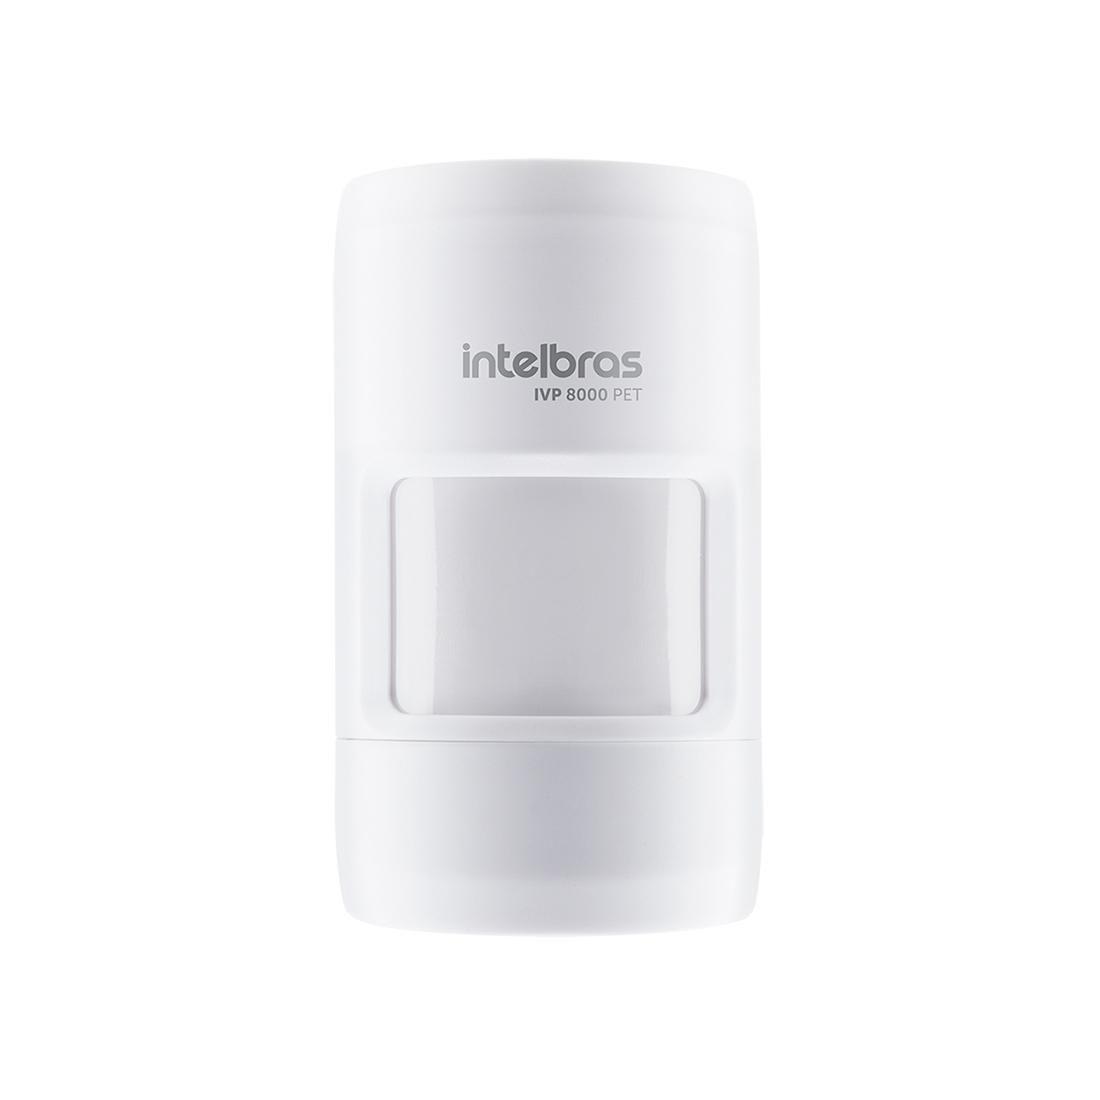 Sensor de movimento infra vermelho sem fio 12mts 90° 20 kg 915 MHz a 928 MHz intelbras IVP 8000 PET  - JS Soluções em Segurança